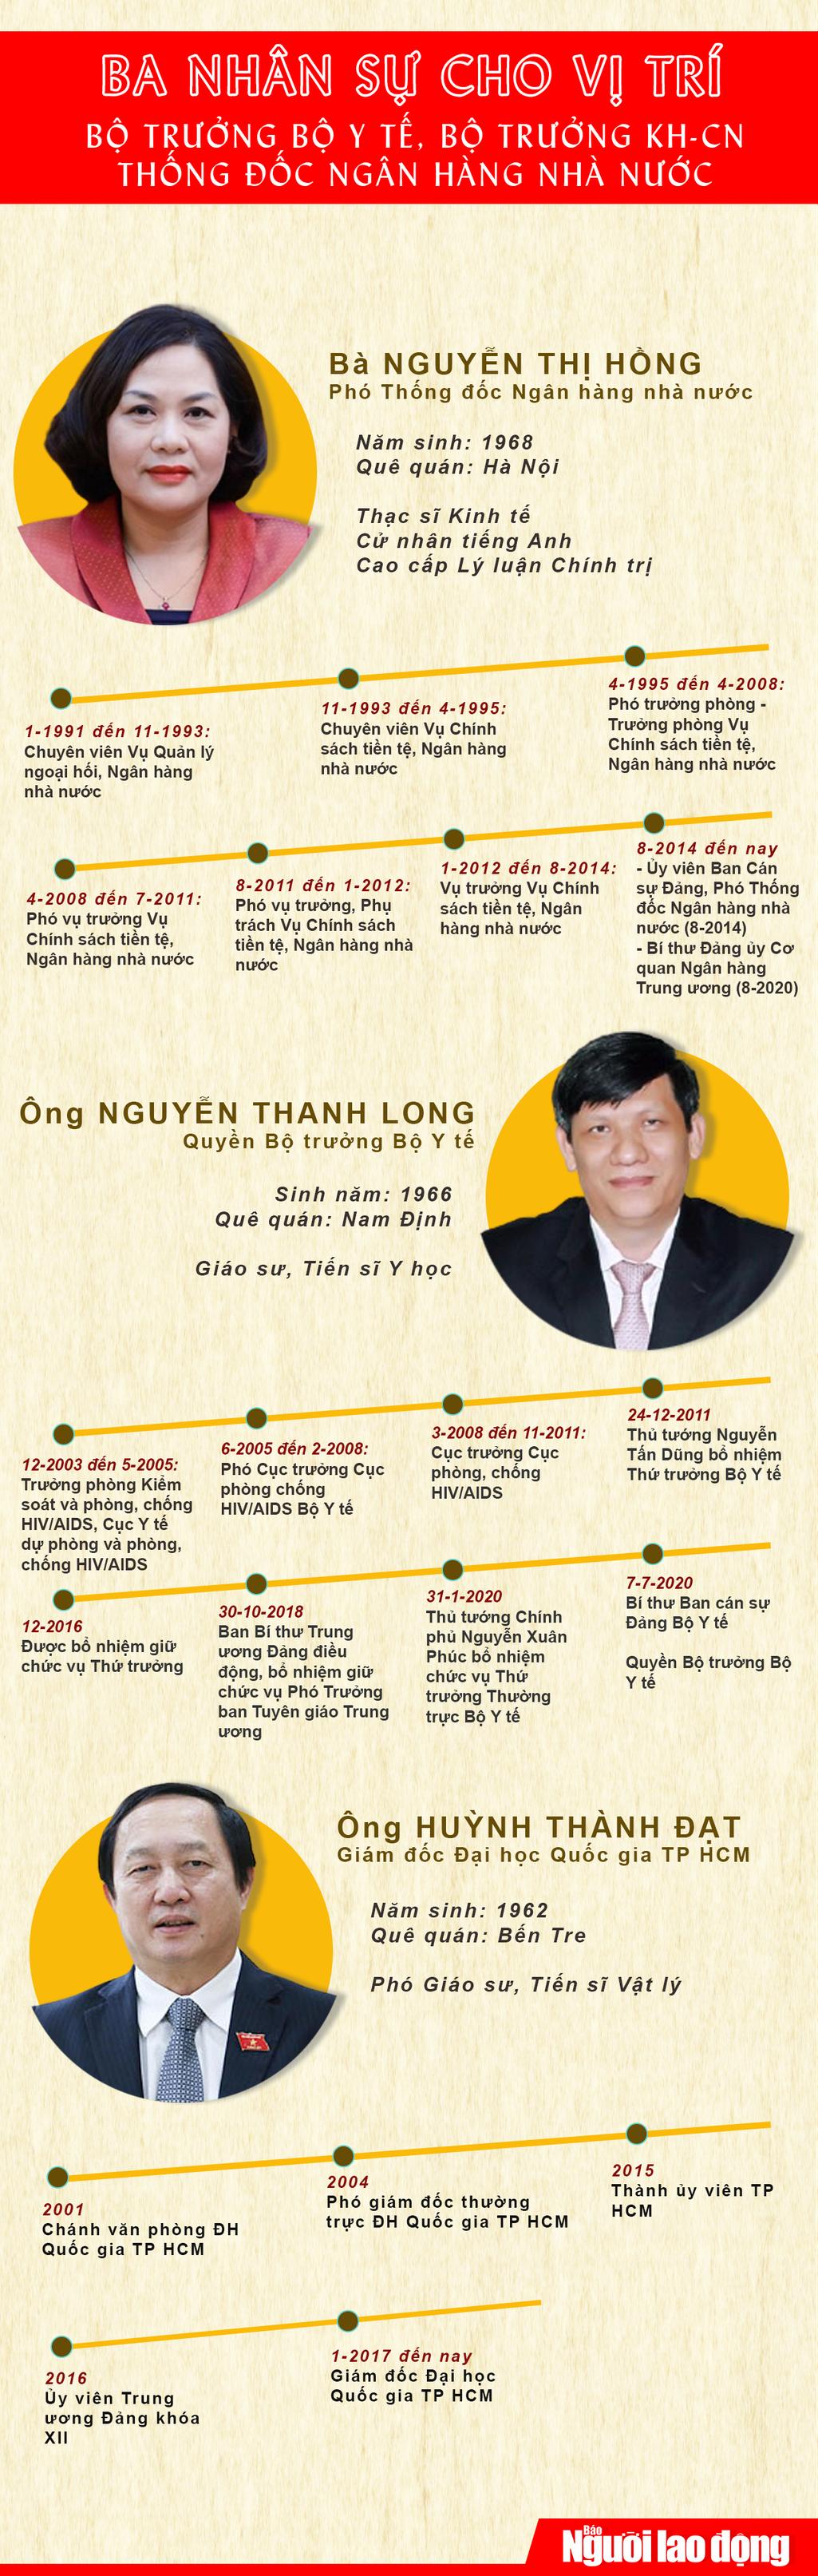 [Infographic] Ba nhân sự cho vị trí Thống đốc NHNN, Bộ trưởng Y tế, Bộ trưởng KH-CN - Ảnh 1.